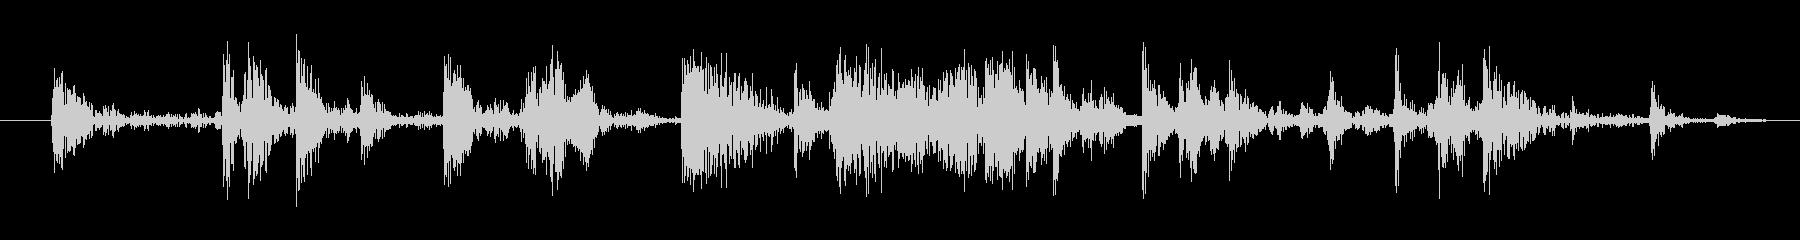 氷を入れる音(カラカラ)の未再生の波形